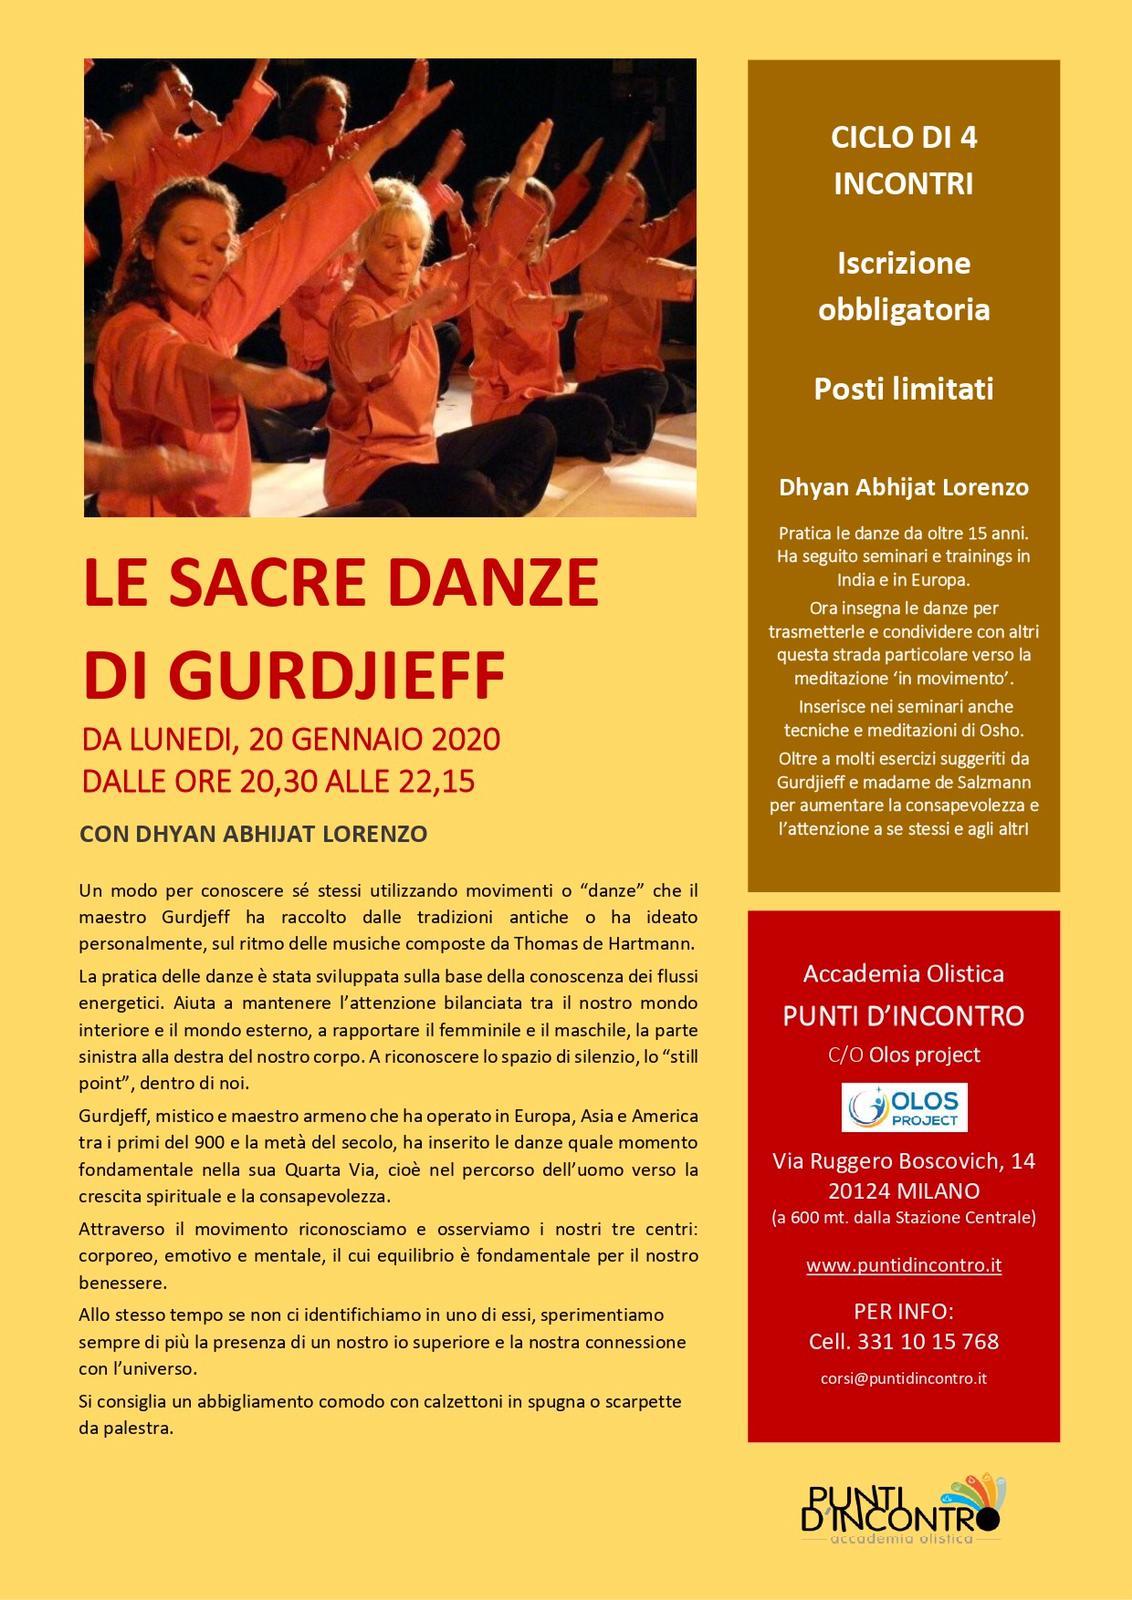 Le Sacre Danze di Gurdjieff